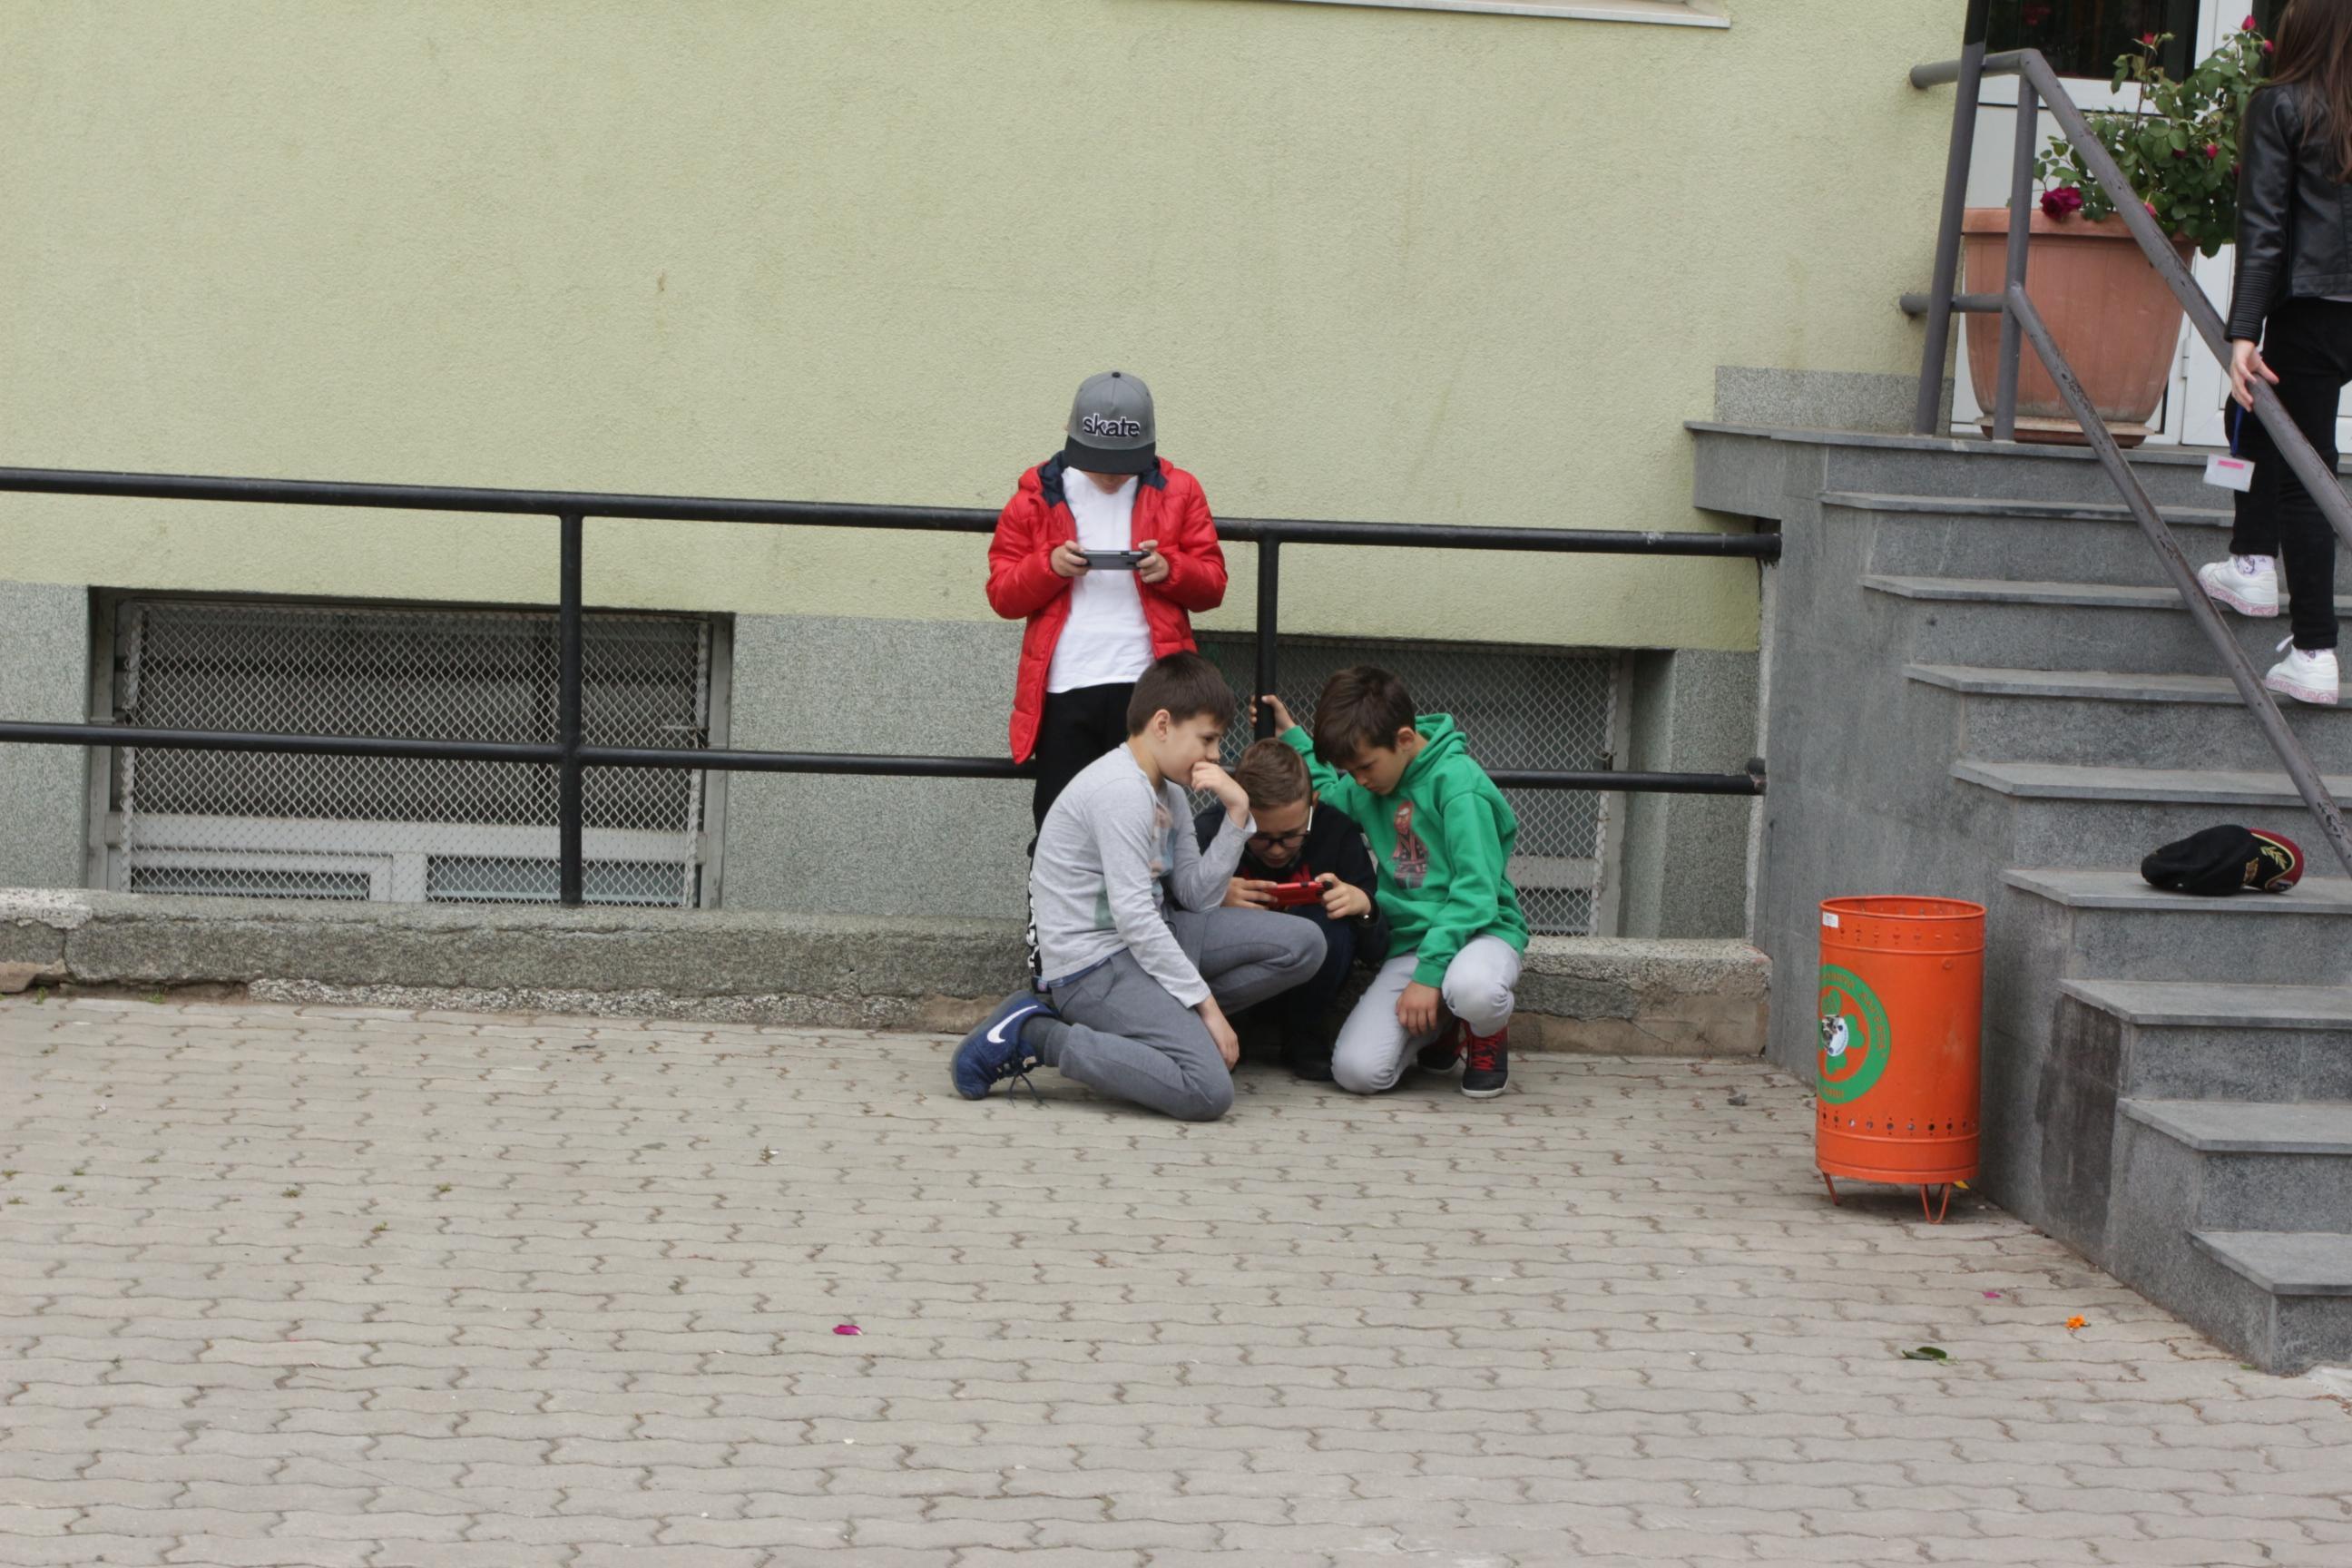 В София и страната: Няма да пишат отсъствия в допълнителните учебни дни